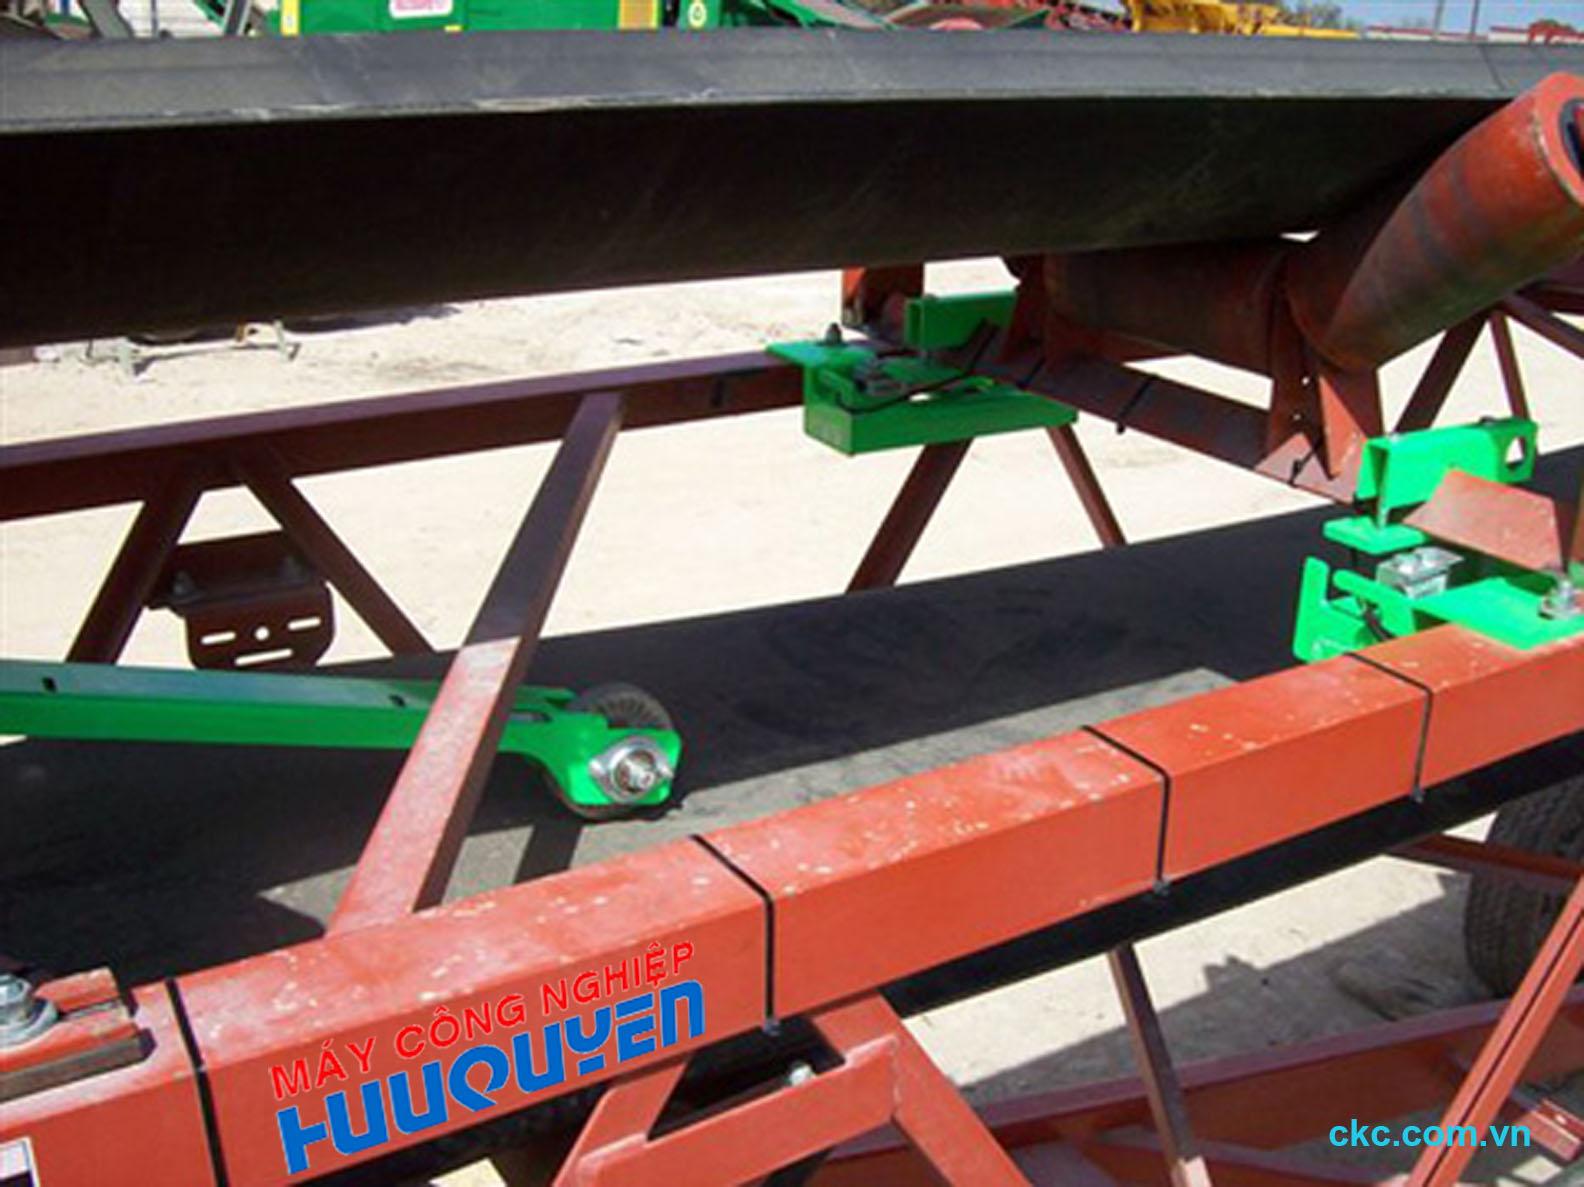 Modul loadcell cân khối lượng nguyên liệu chạy trên băng tải lòng máng